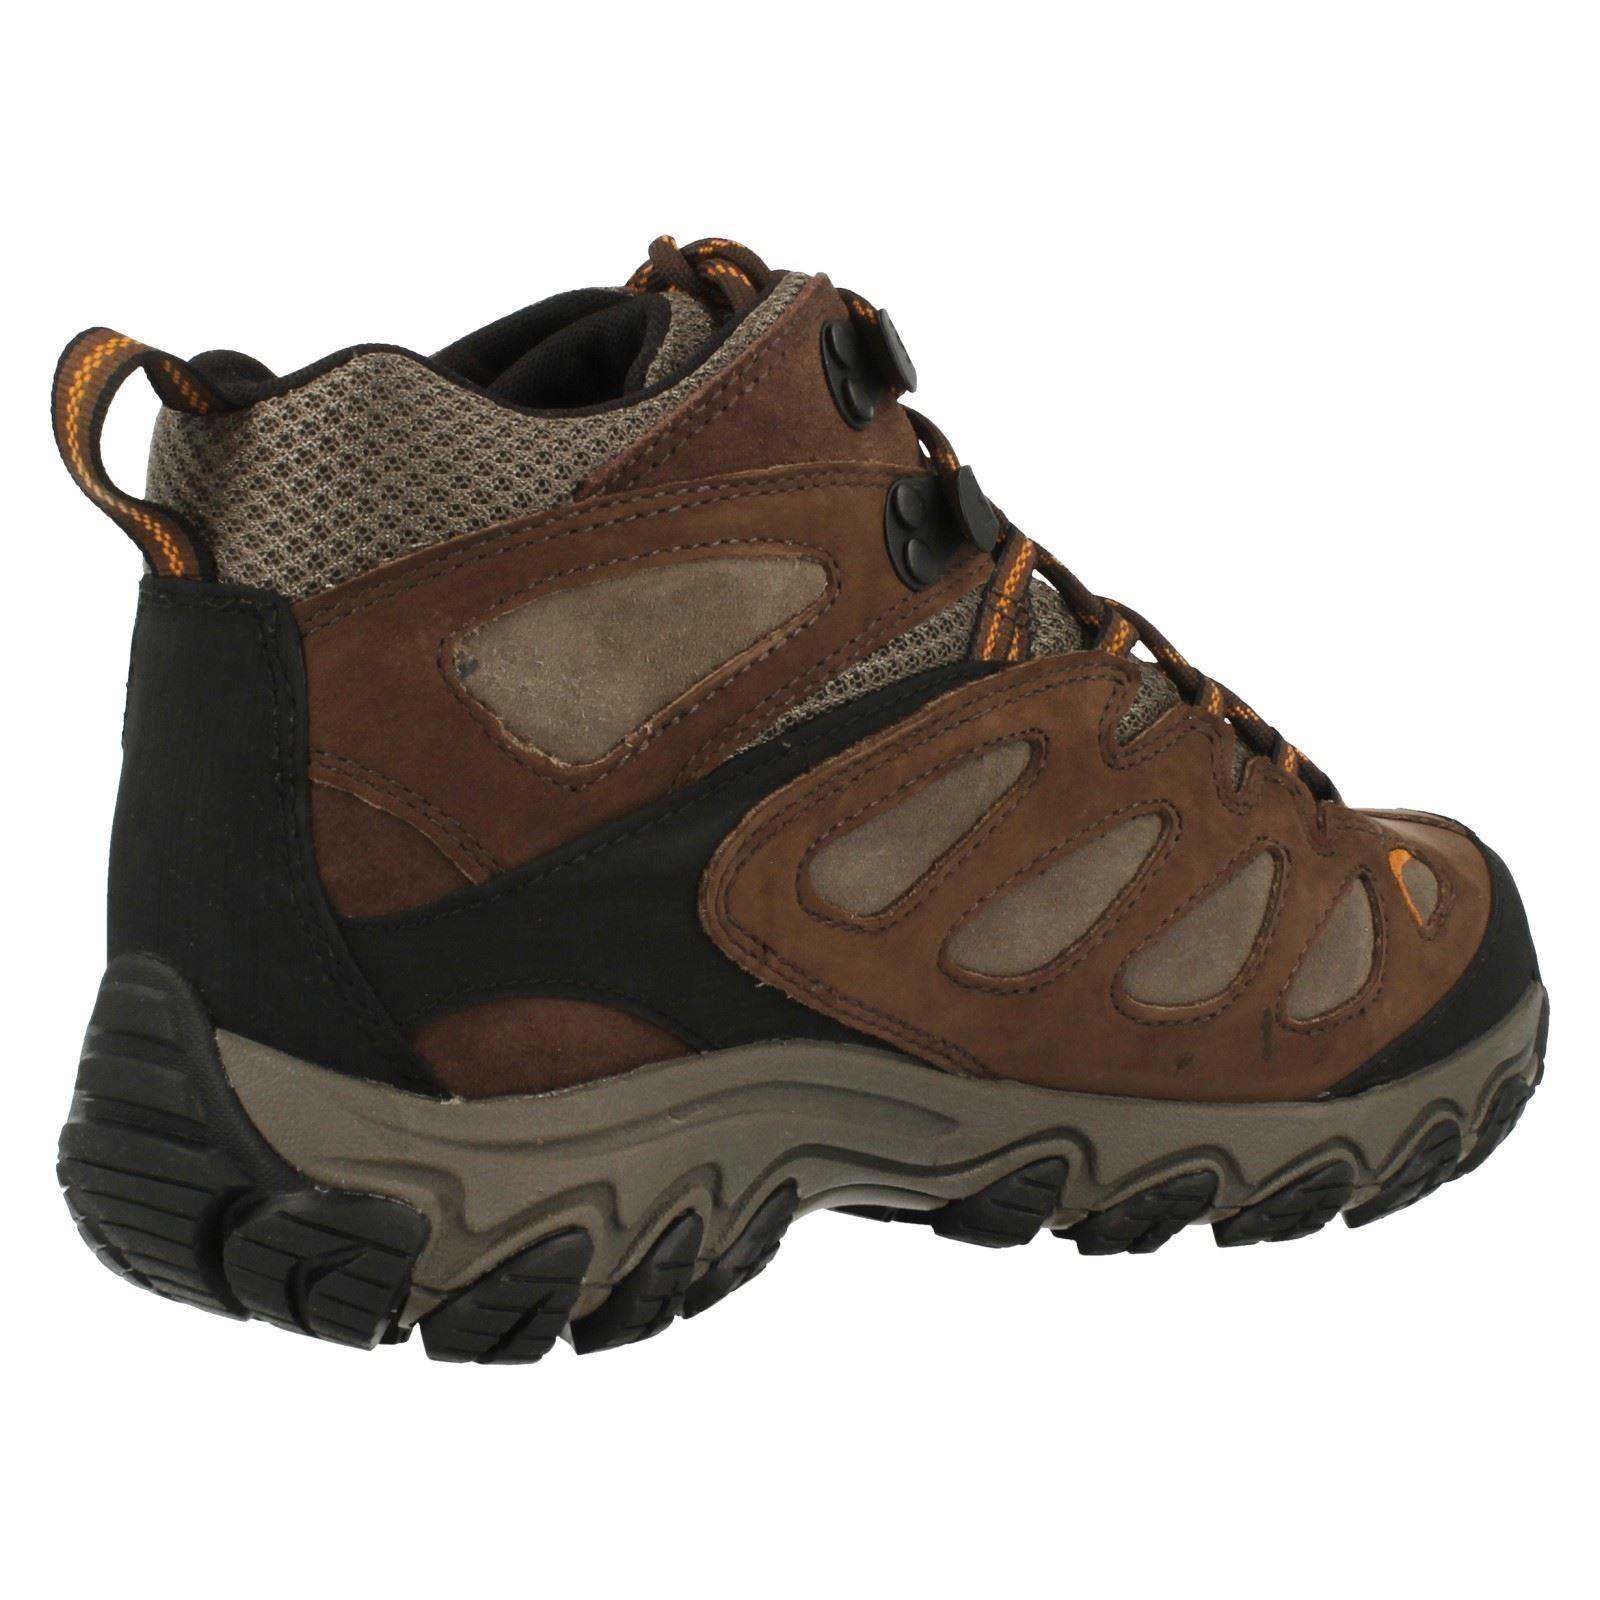 Merrell 'Pulsate Mitte' Herren Braun Wasserdicht Wandern Wandern    Trail Schuhe 119360